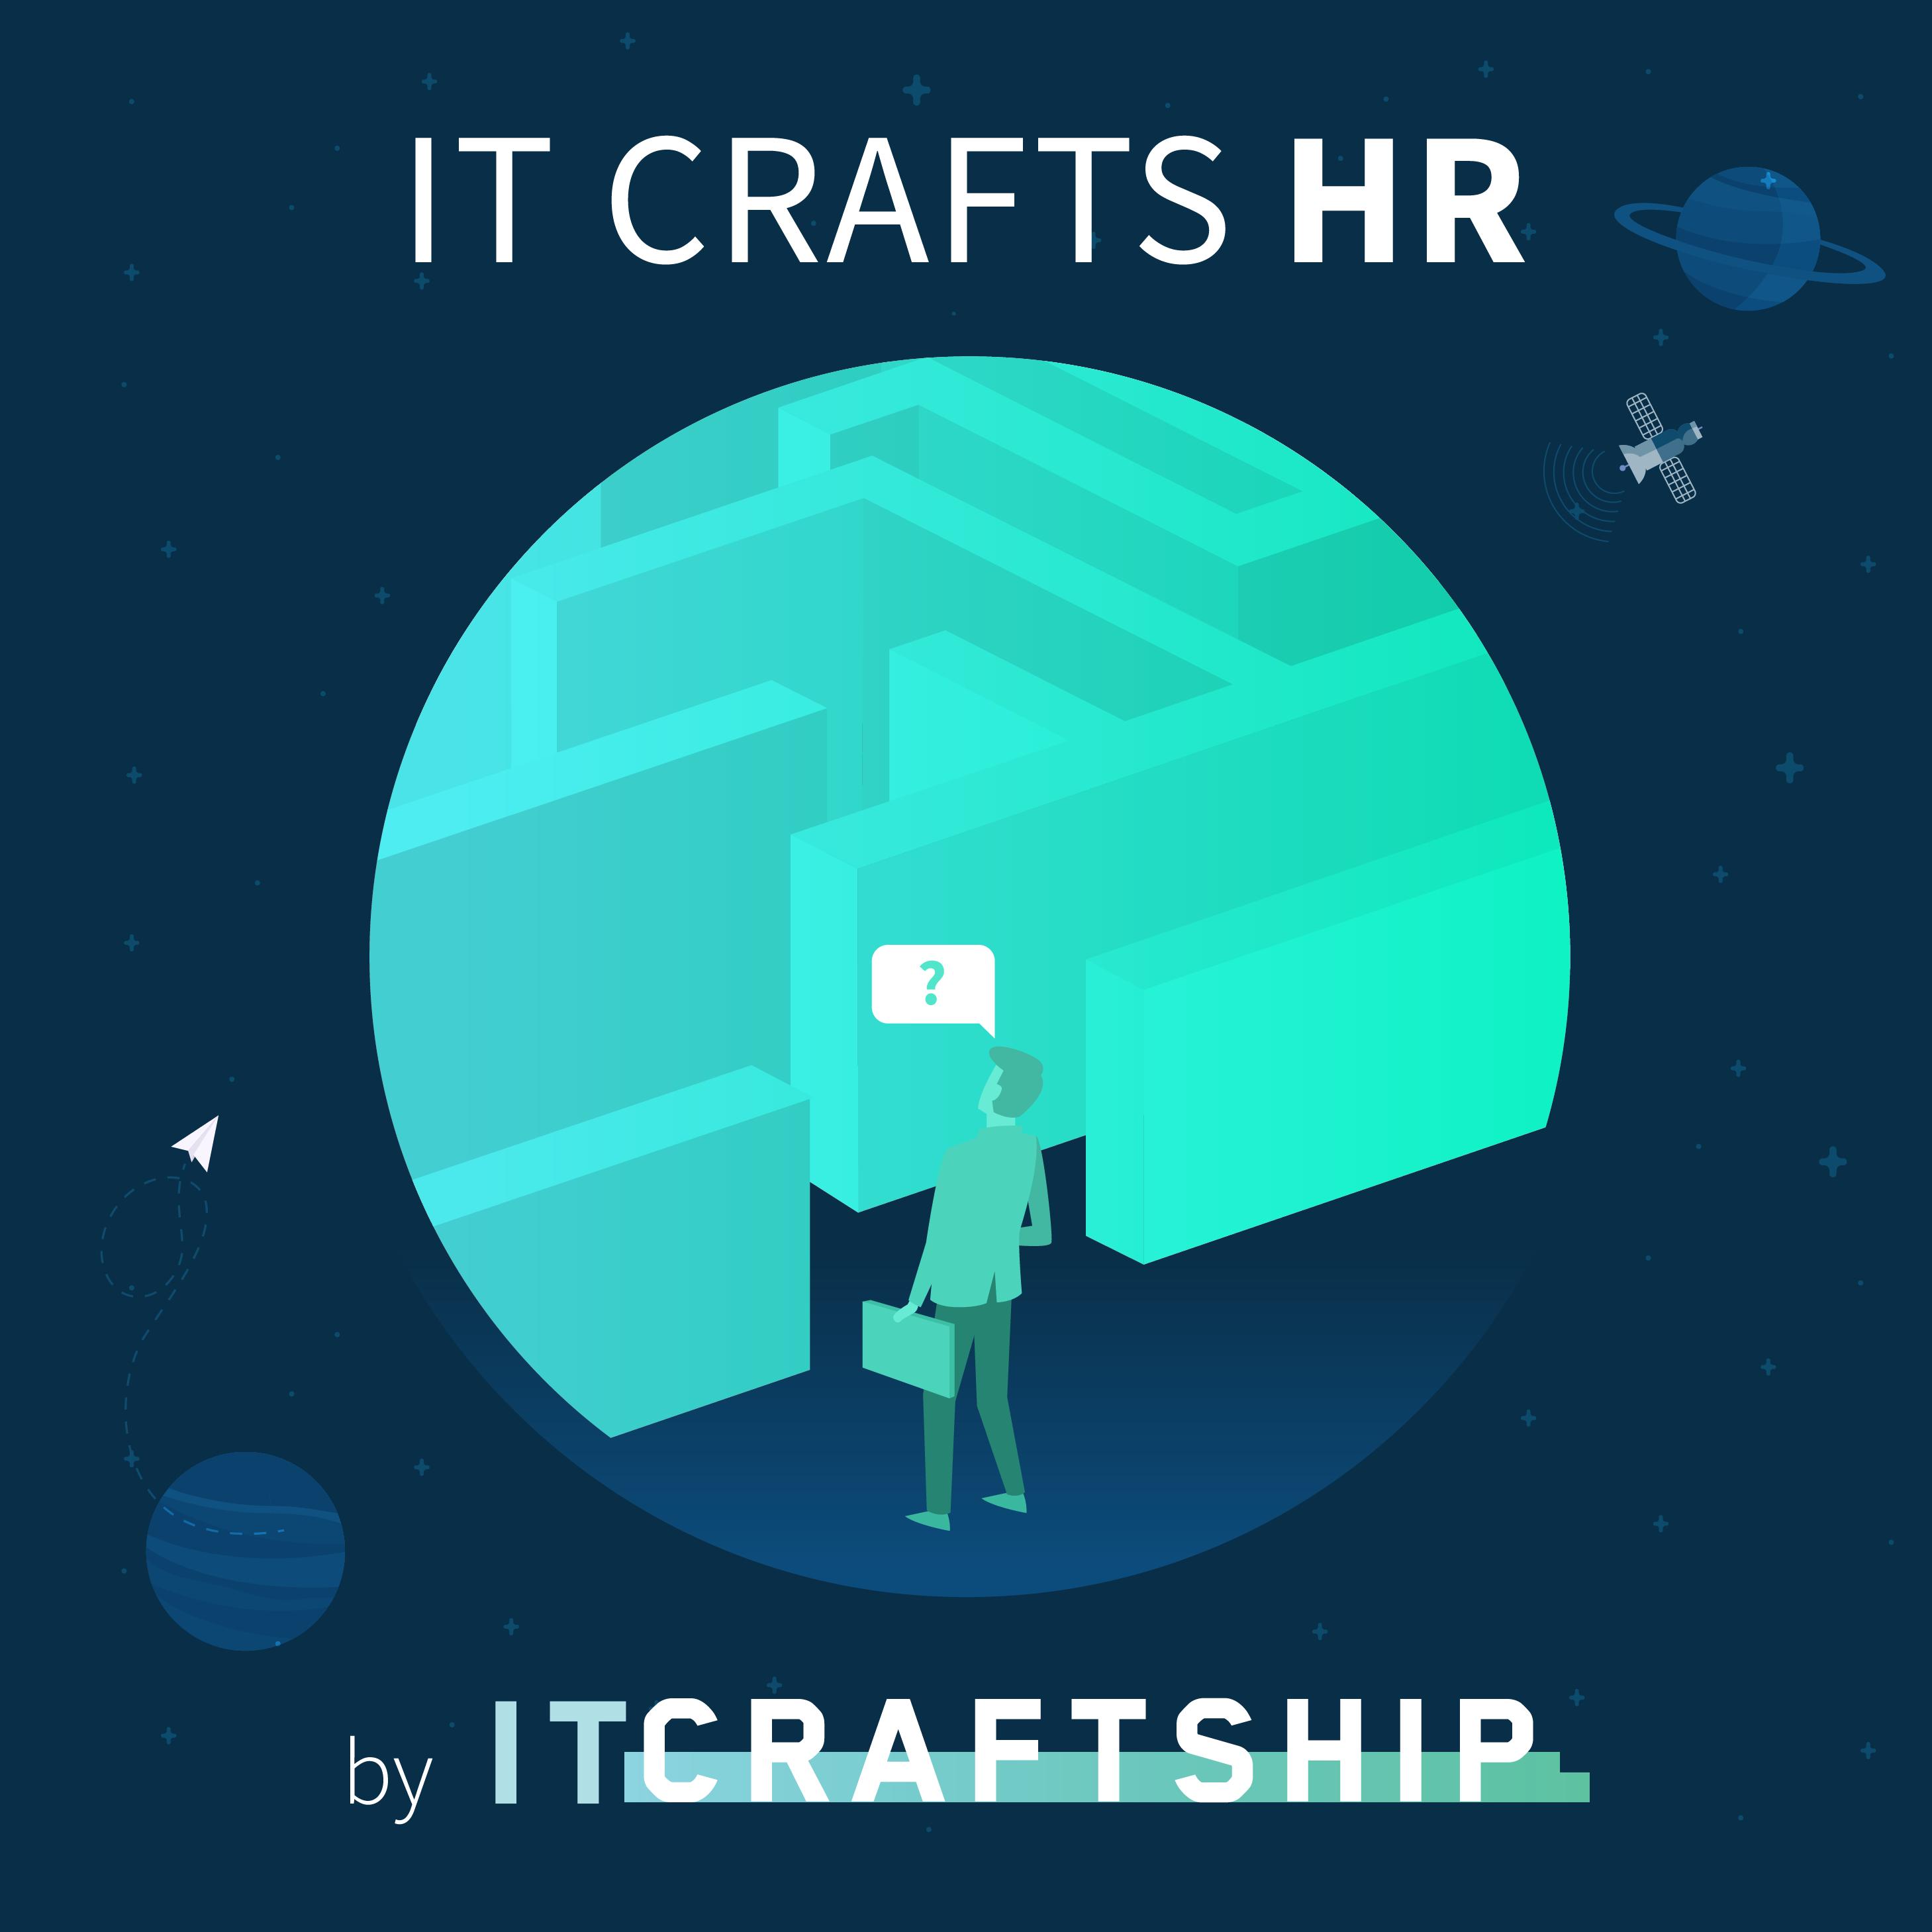 IT Crafts HR – Fareen Shaikh from acework